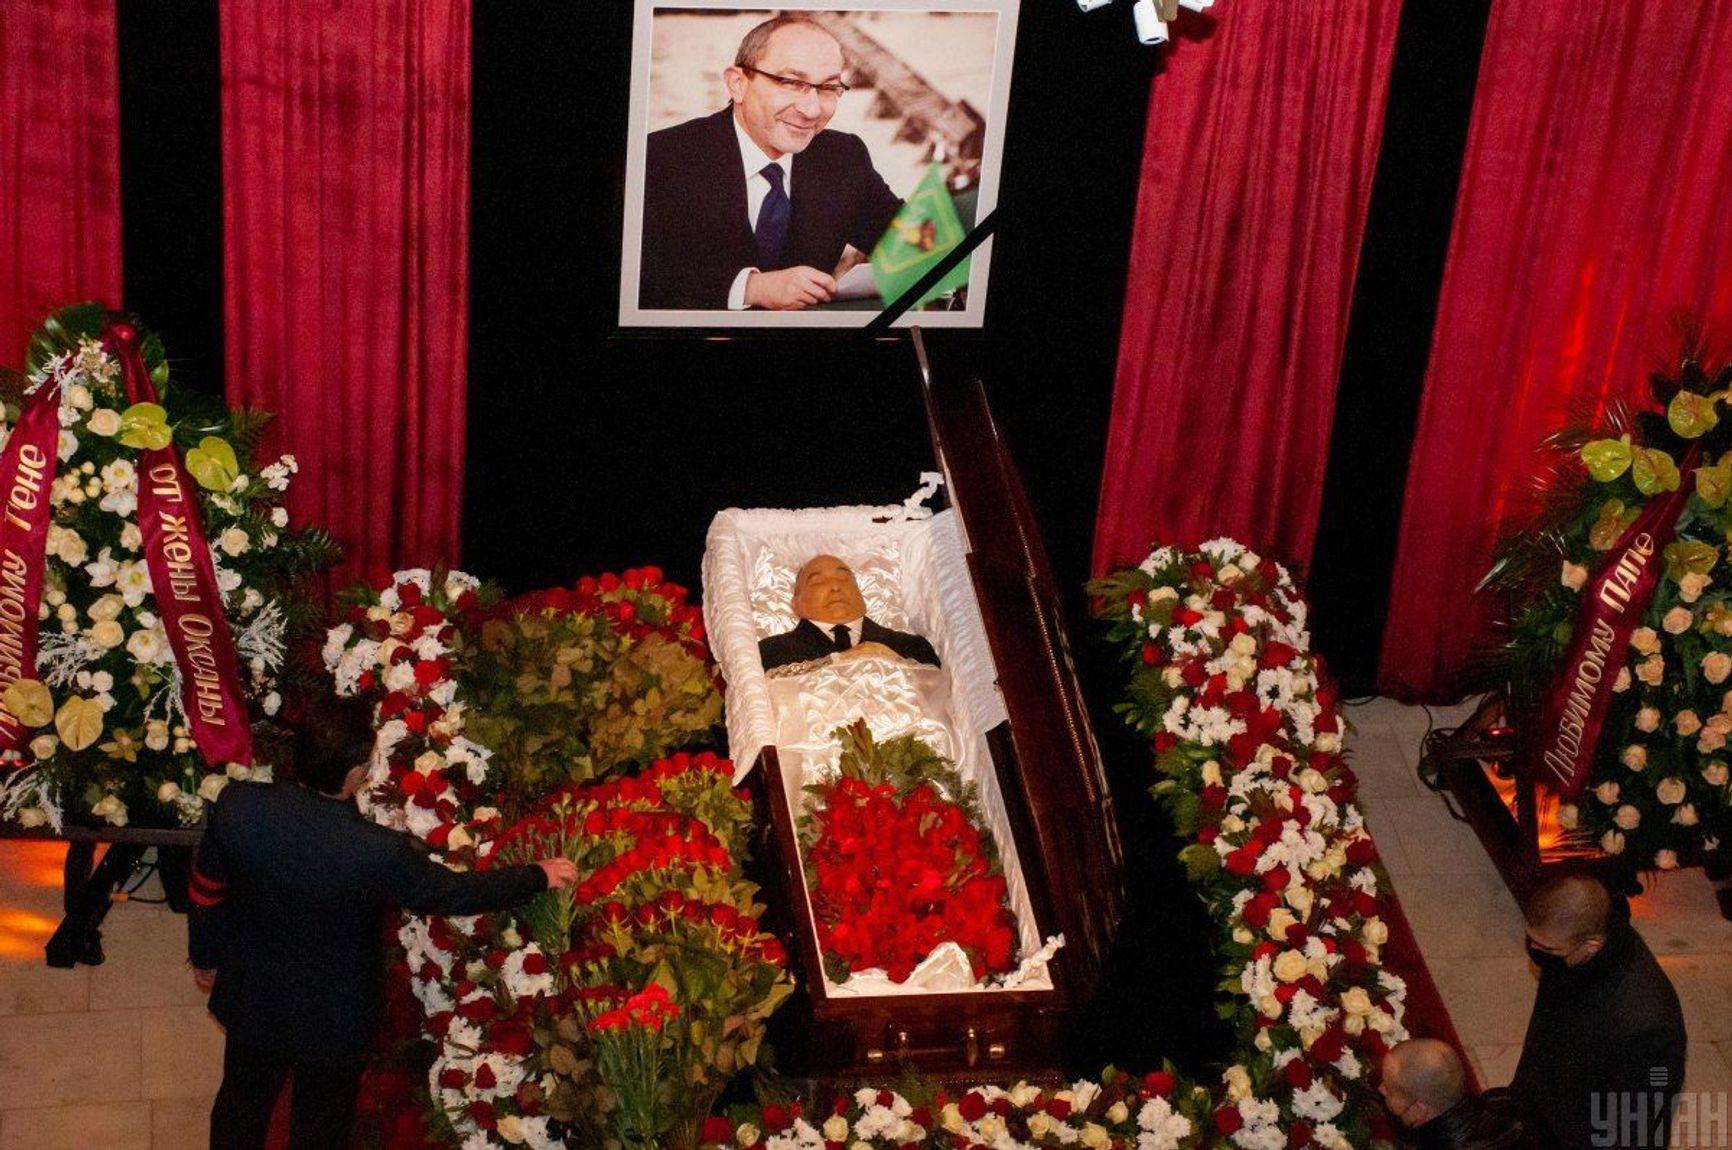 Публичное прощание с Геннадием Кернесом состоялось 23 декабря в Харьковском оперном театре. На церемонию приехал мэр Киева Виталий Кличко